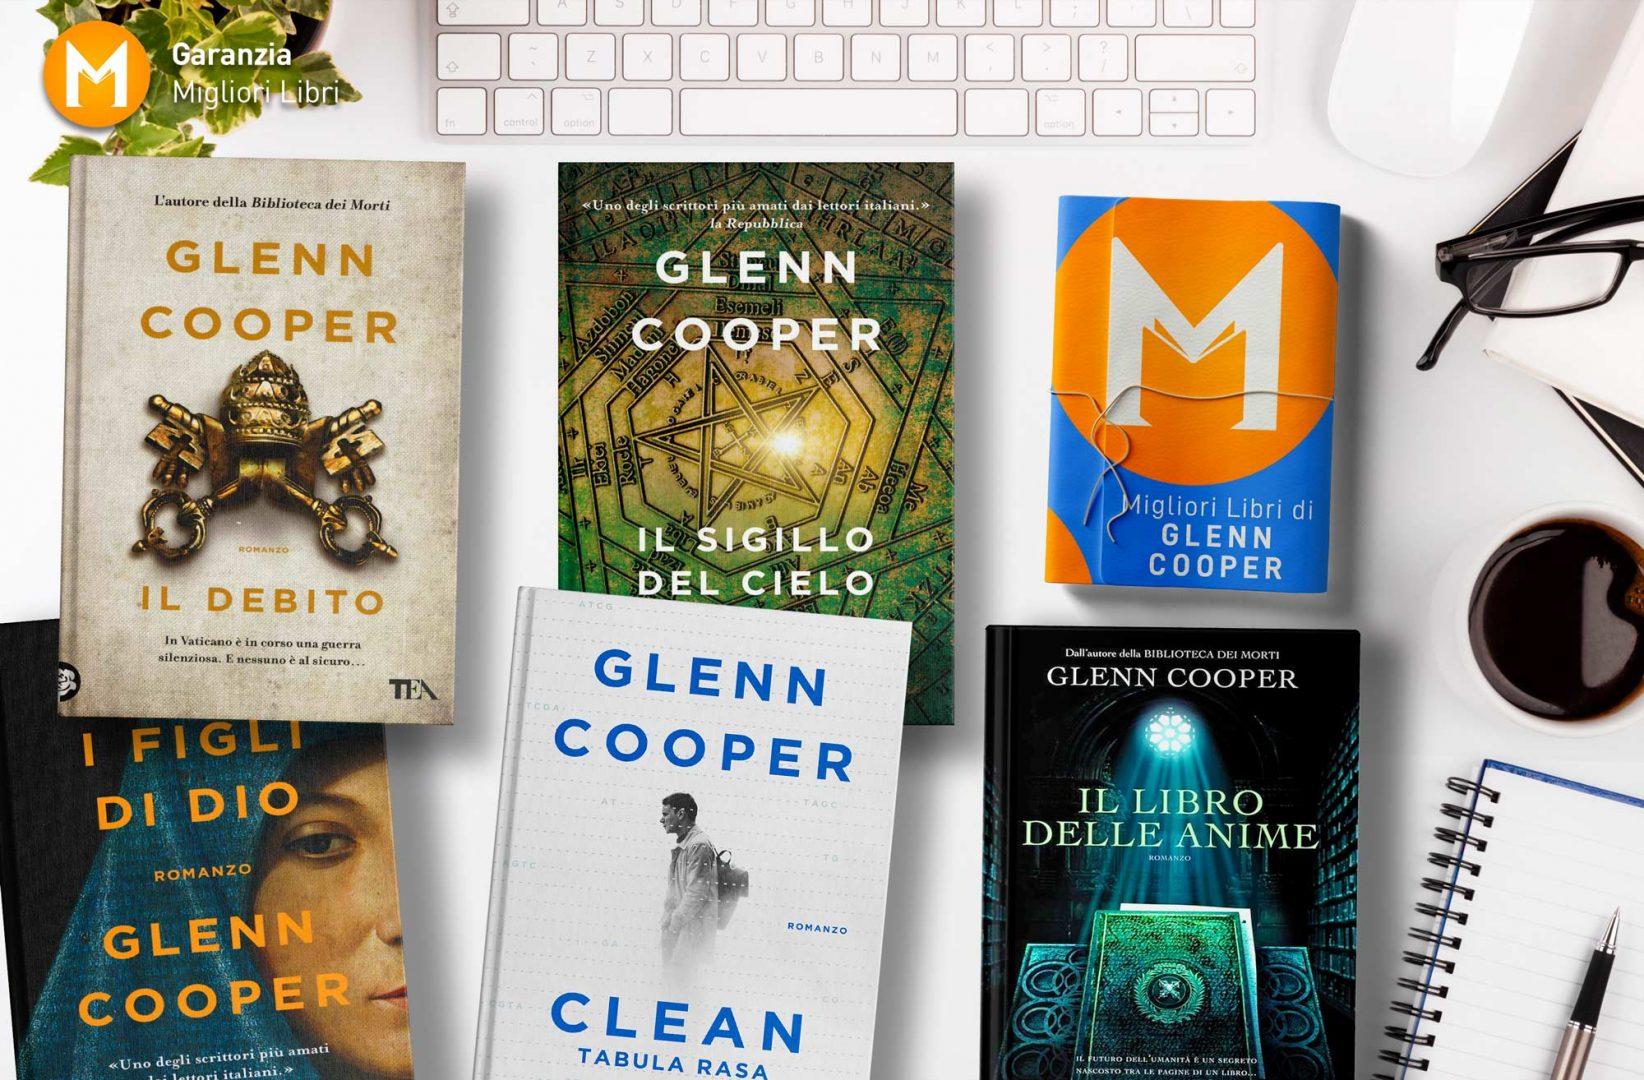 migliori-libri-glenn-cooper